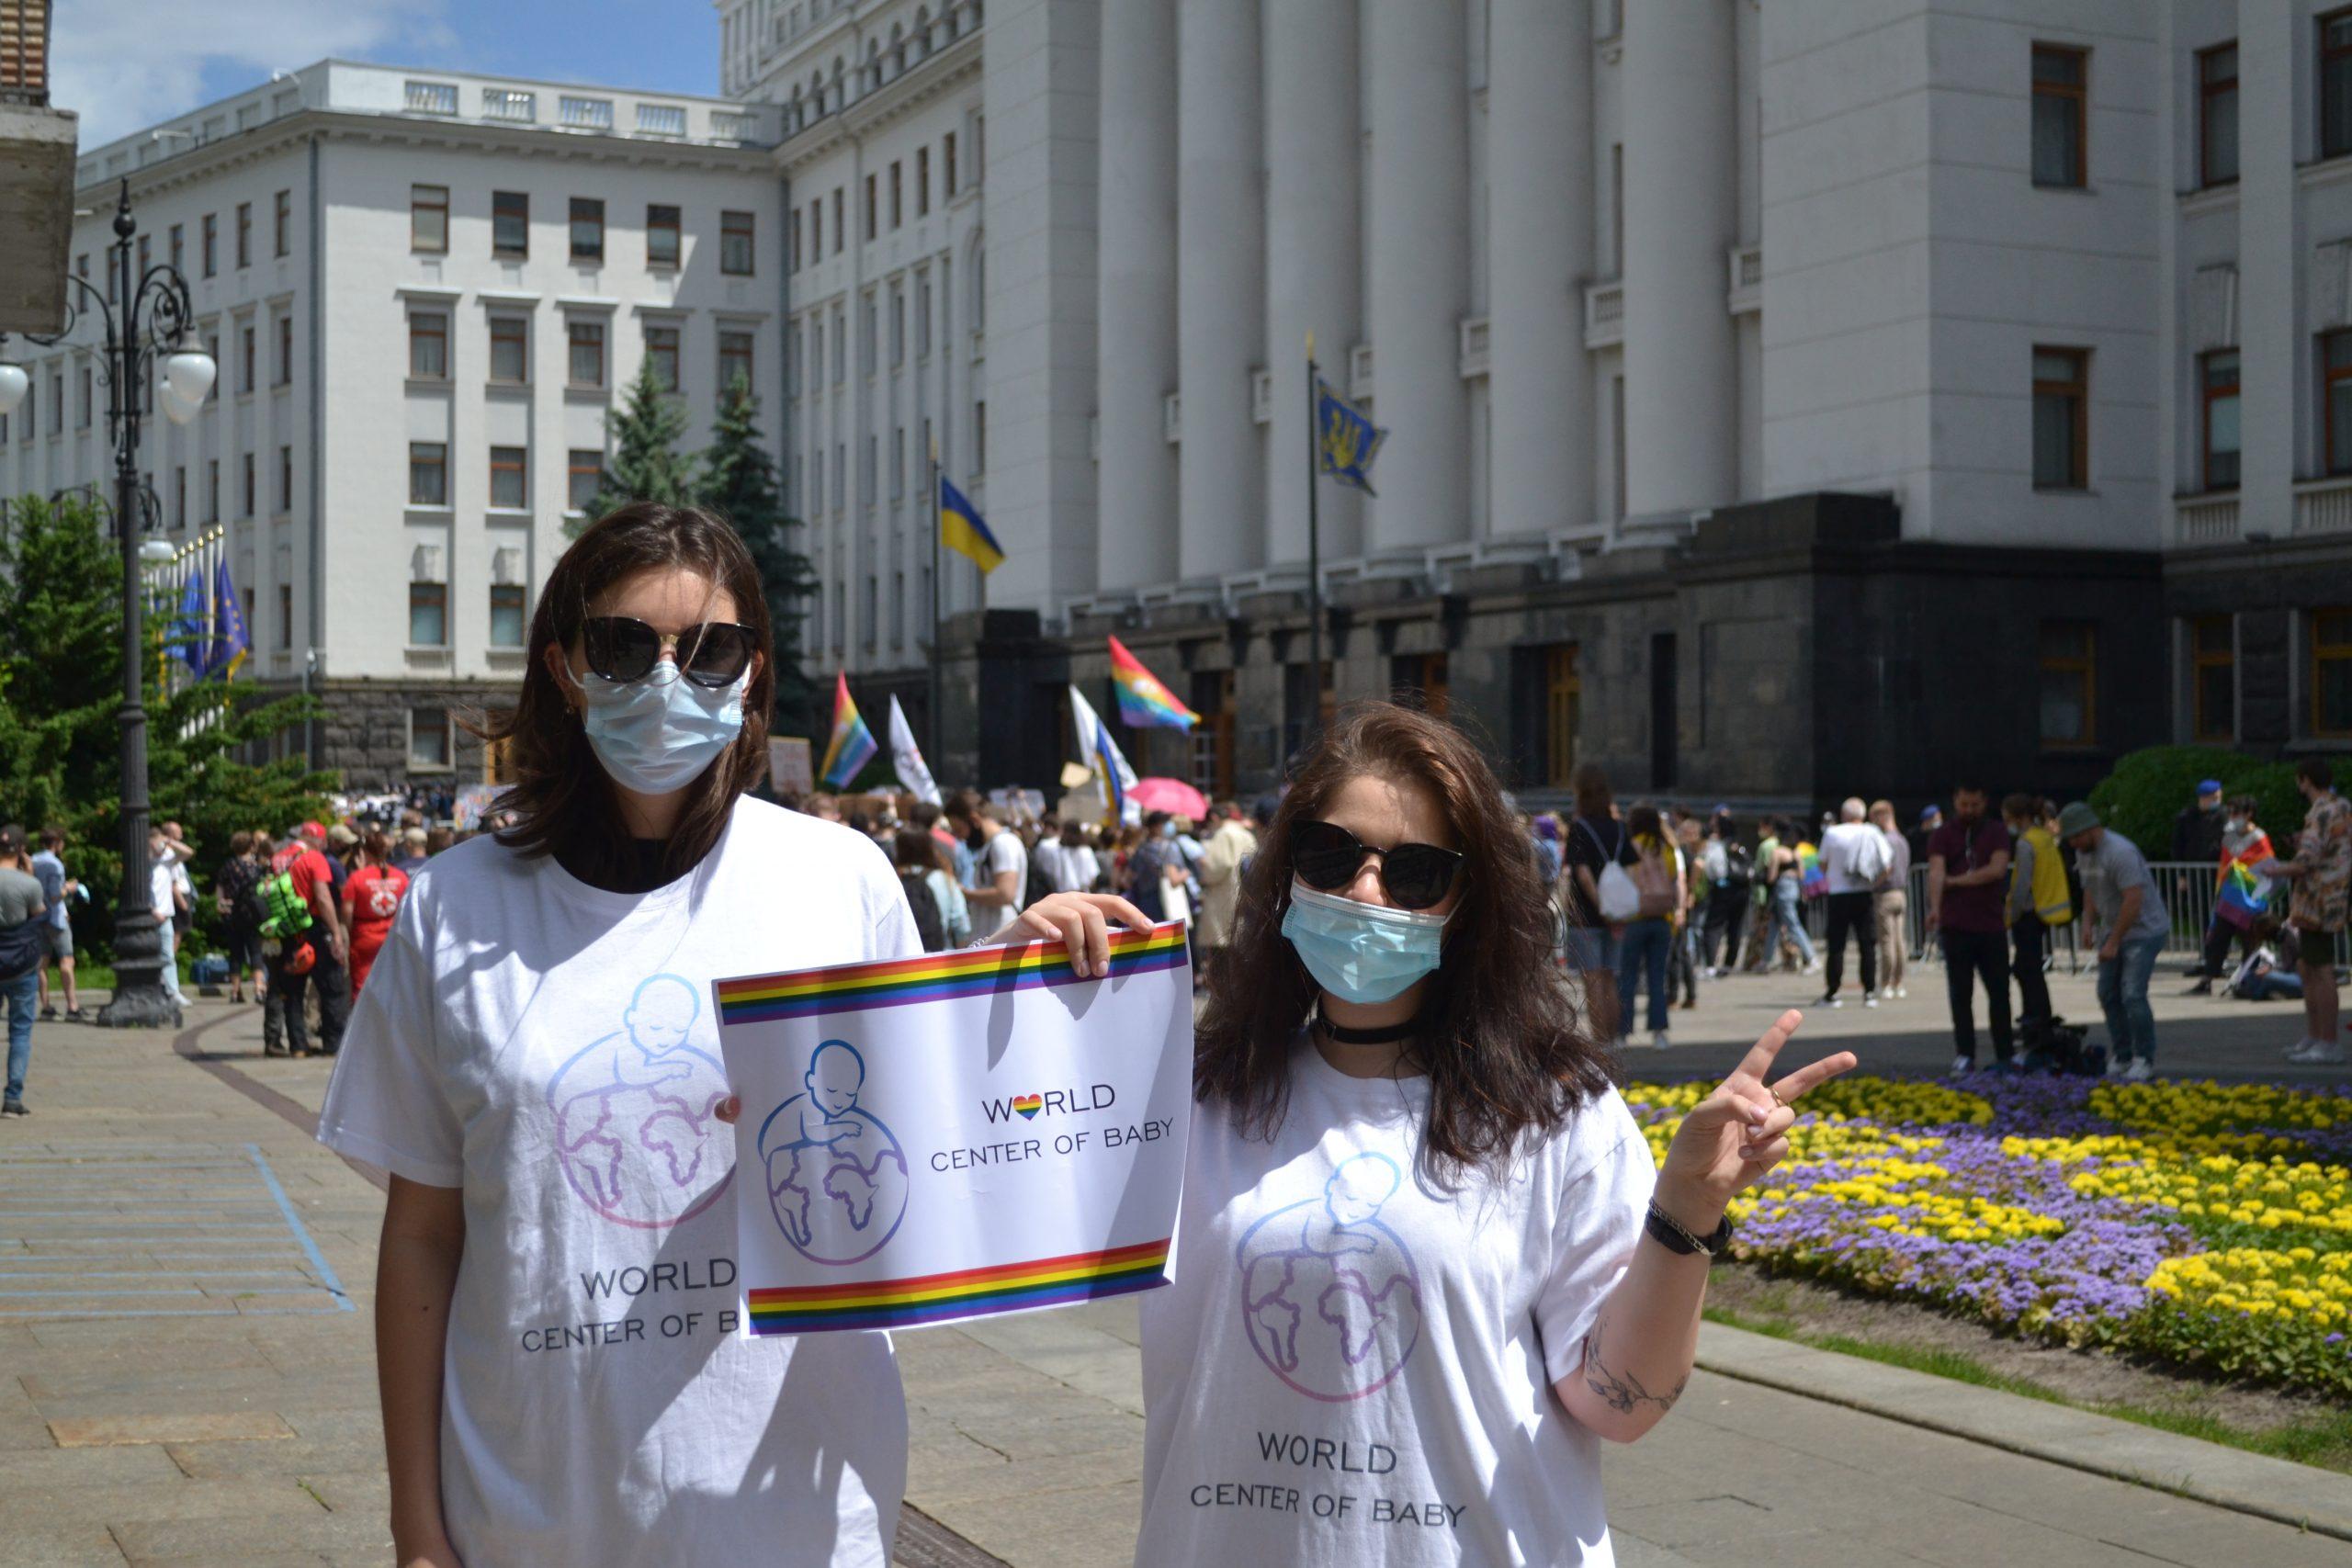 Rassemblement pour le mariage homosexuel à Kiev : Revendications de droits